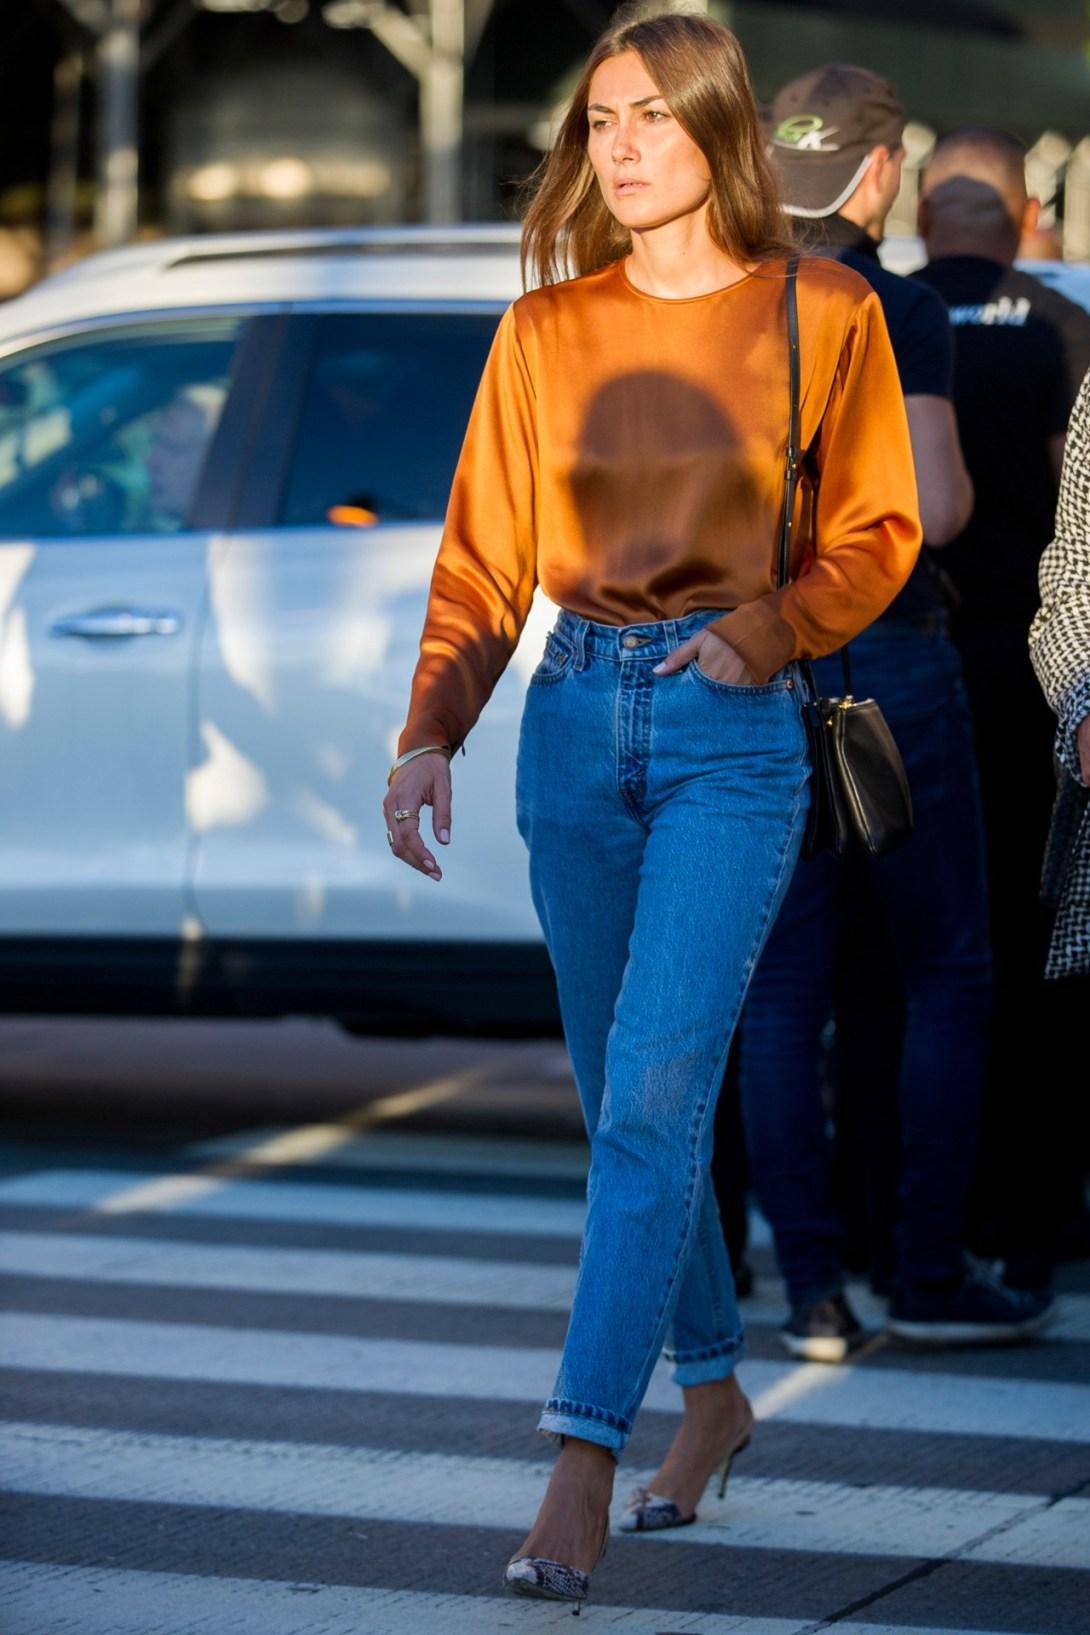 Vogue_Stiff_Denim_Trend_Street_Style_1_Vogue_25Jan16_Jason_Lloyd_Evans_b_hr